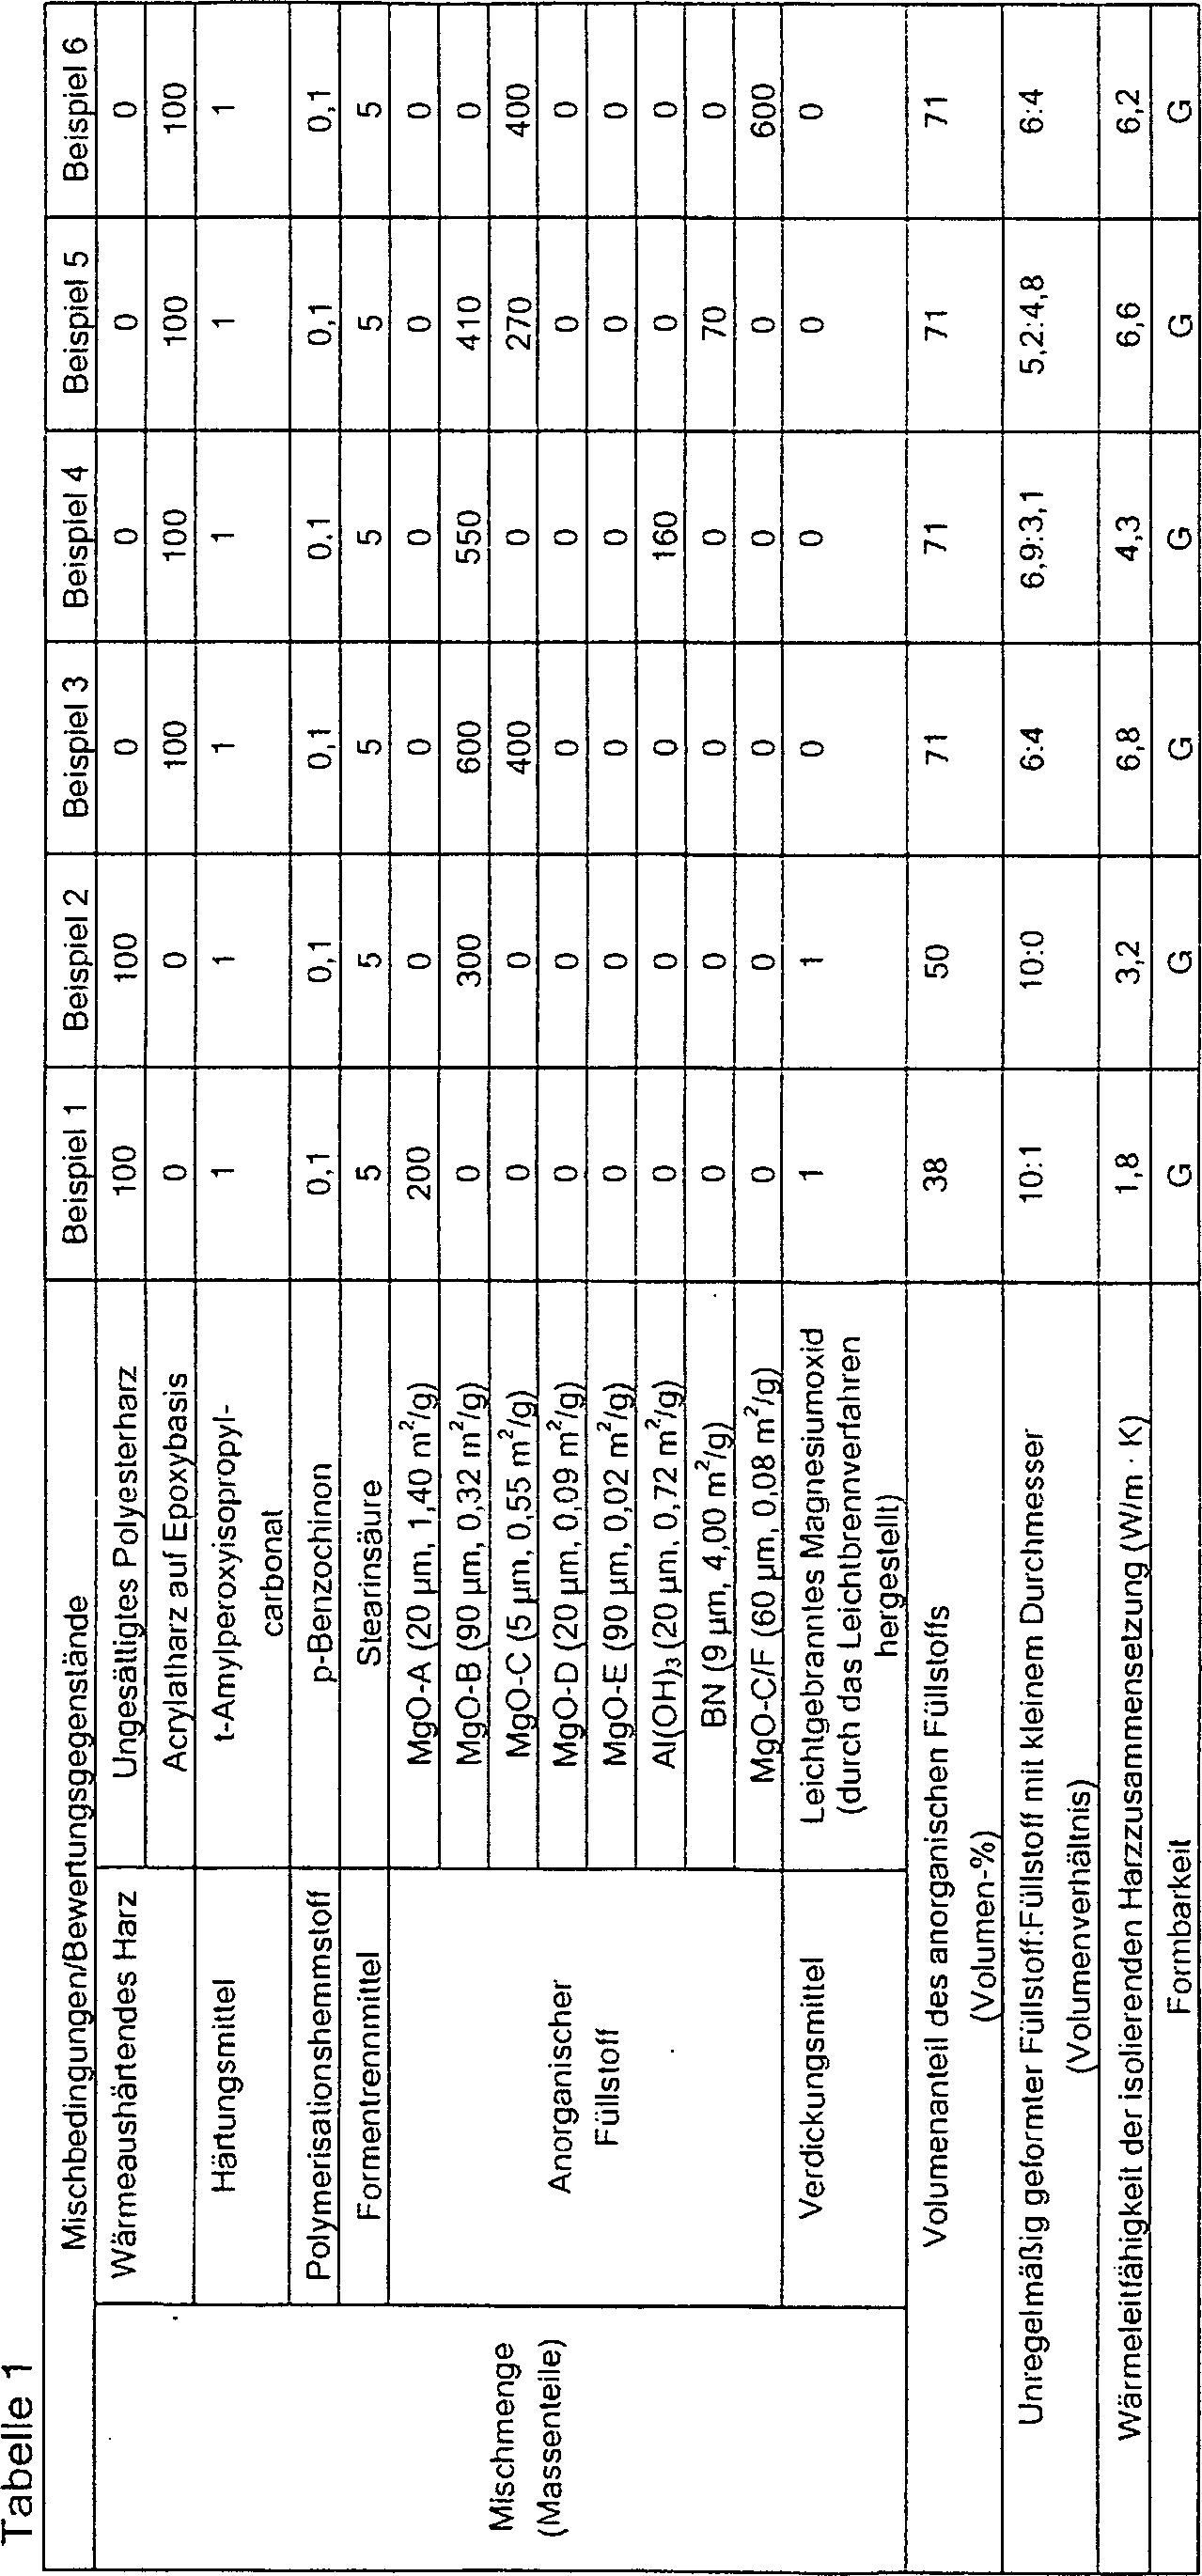 Figure DE112012005486T5_0002